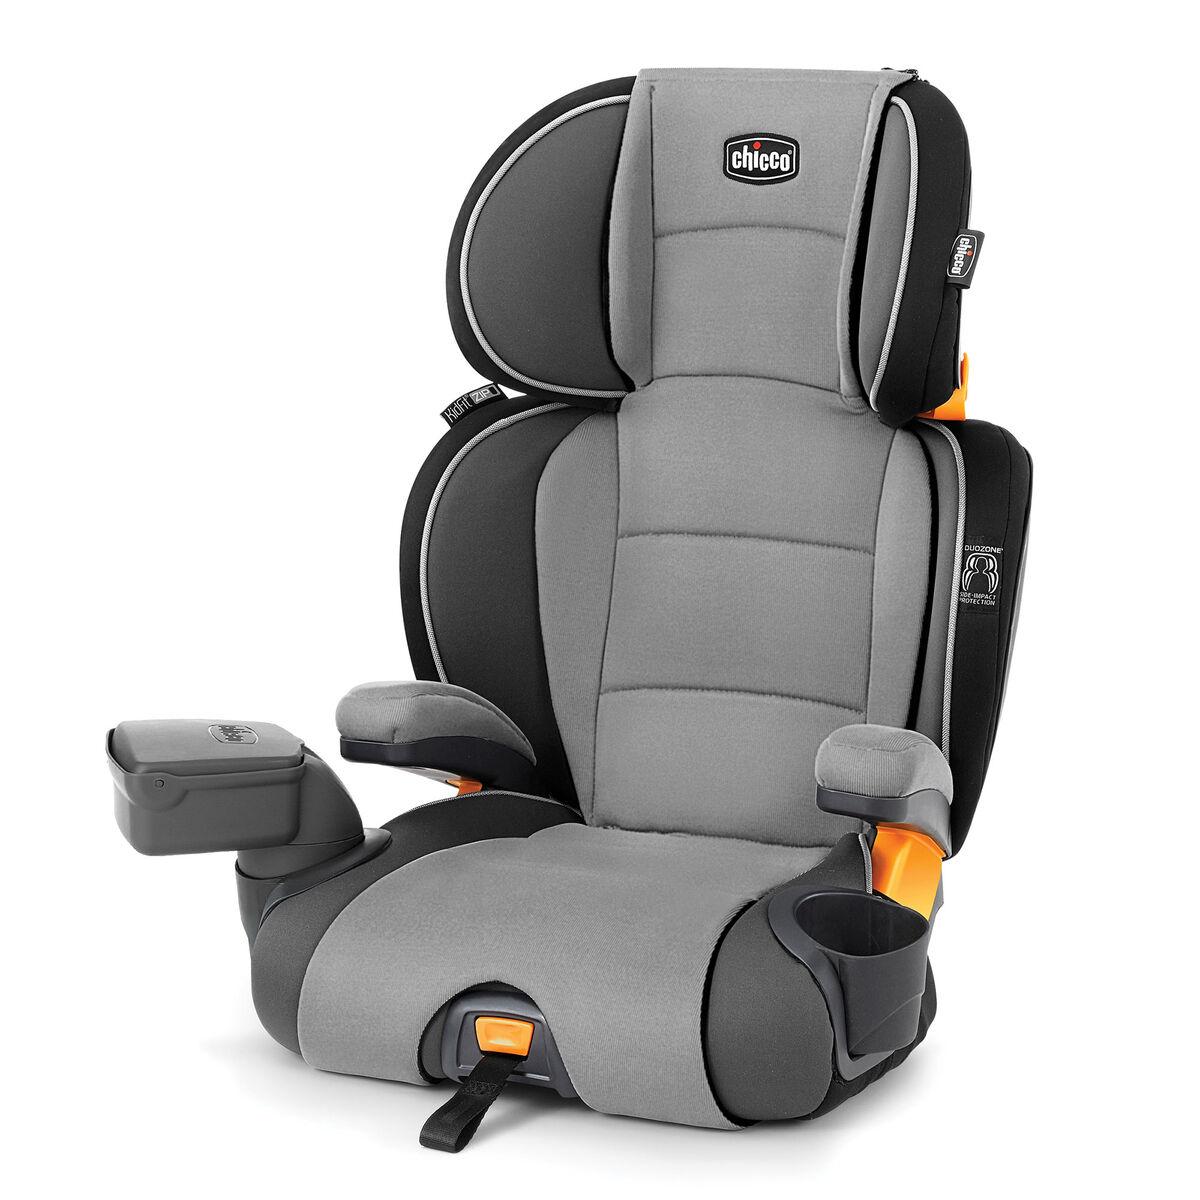 Kidfit zip 2 in 1 belt positioning booster car seat spectrumkidfit zip 2 in 1 belt positioning booster car seat spectrum